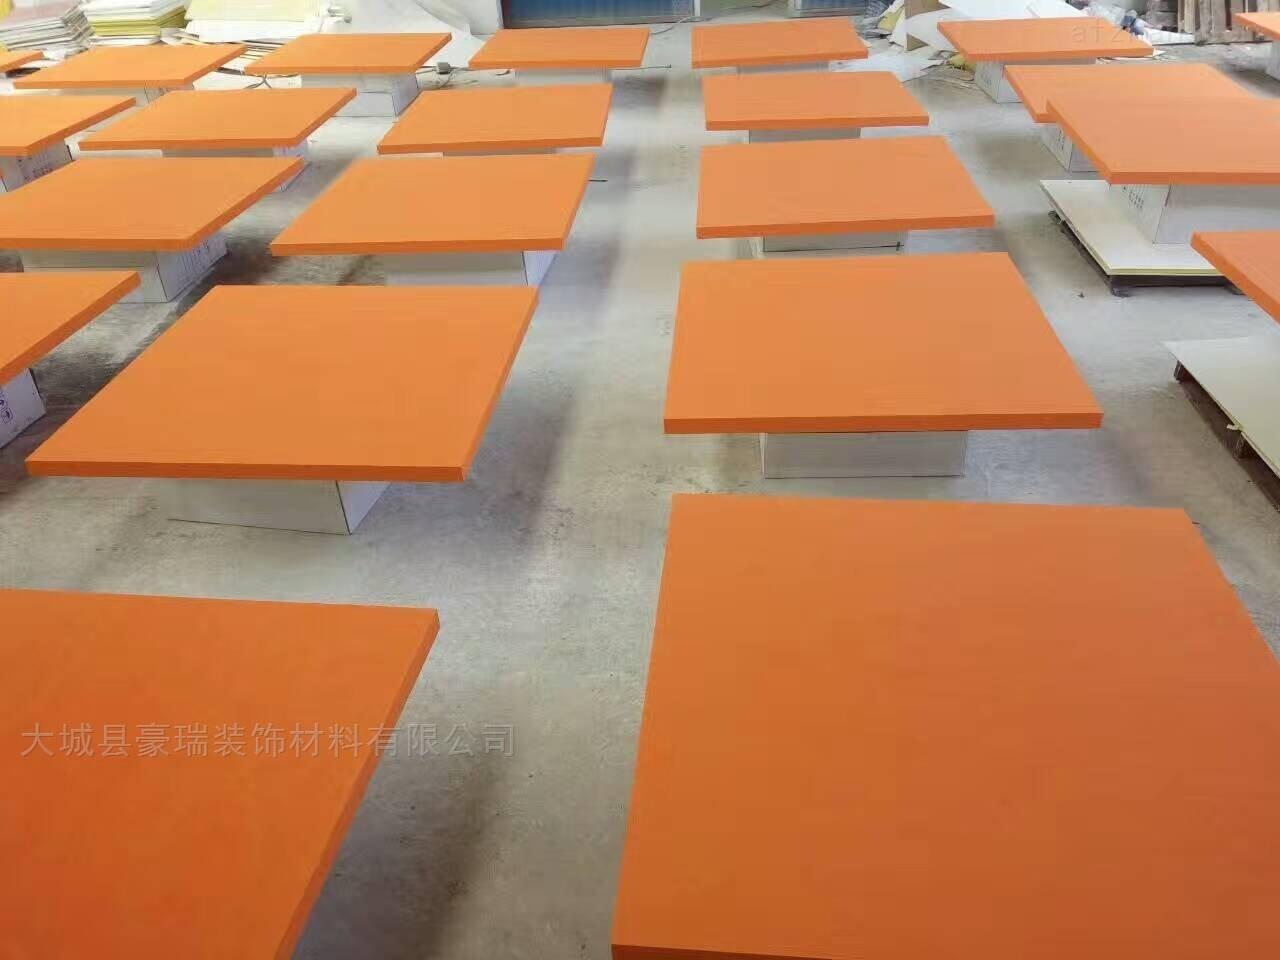 彩色天花板 轻便好安装的岩棉防火吸音板